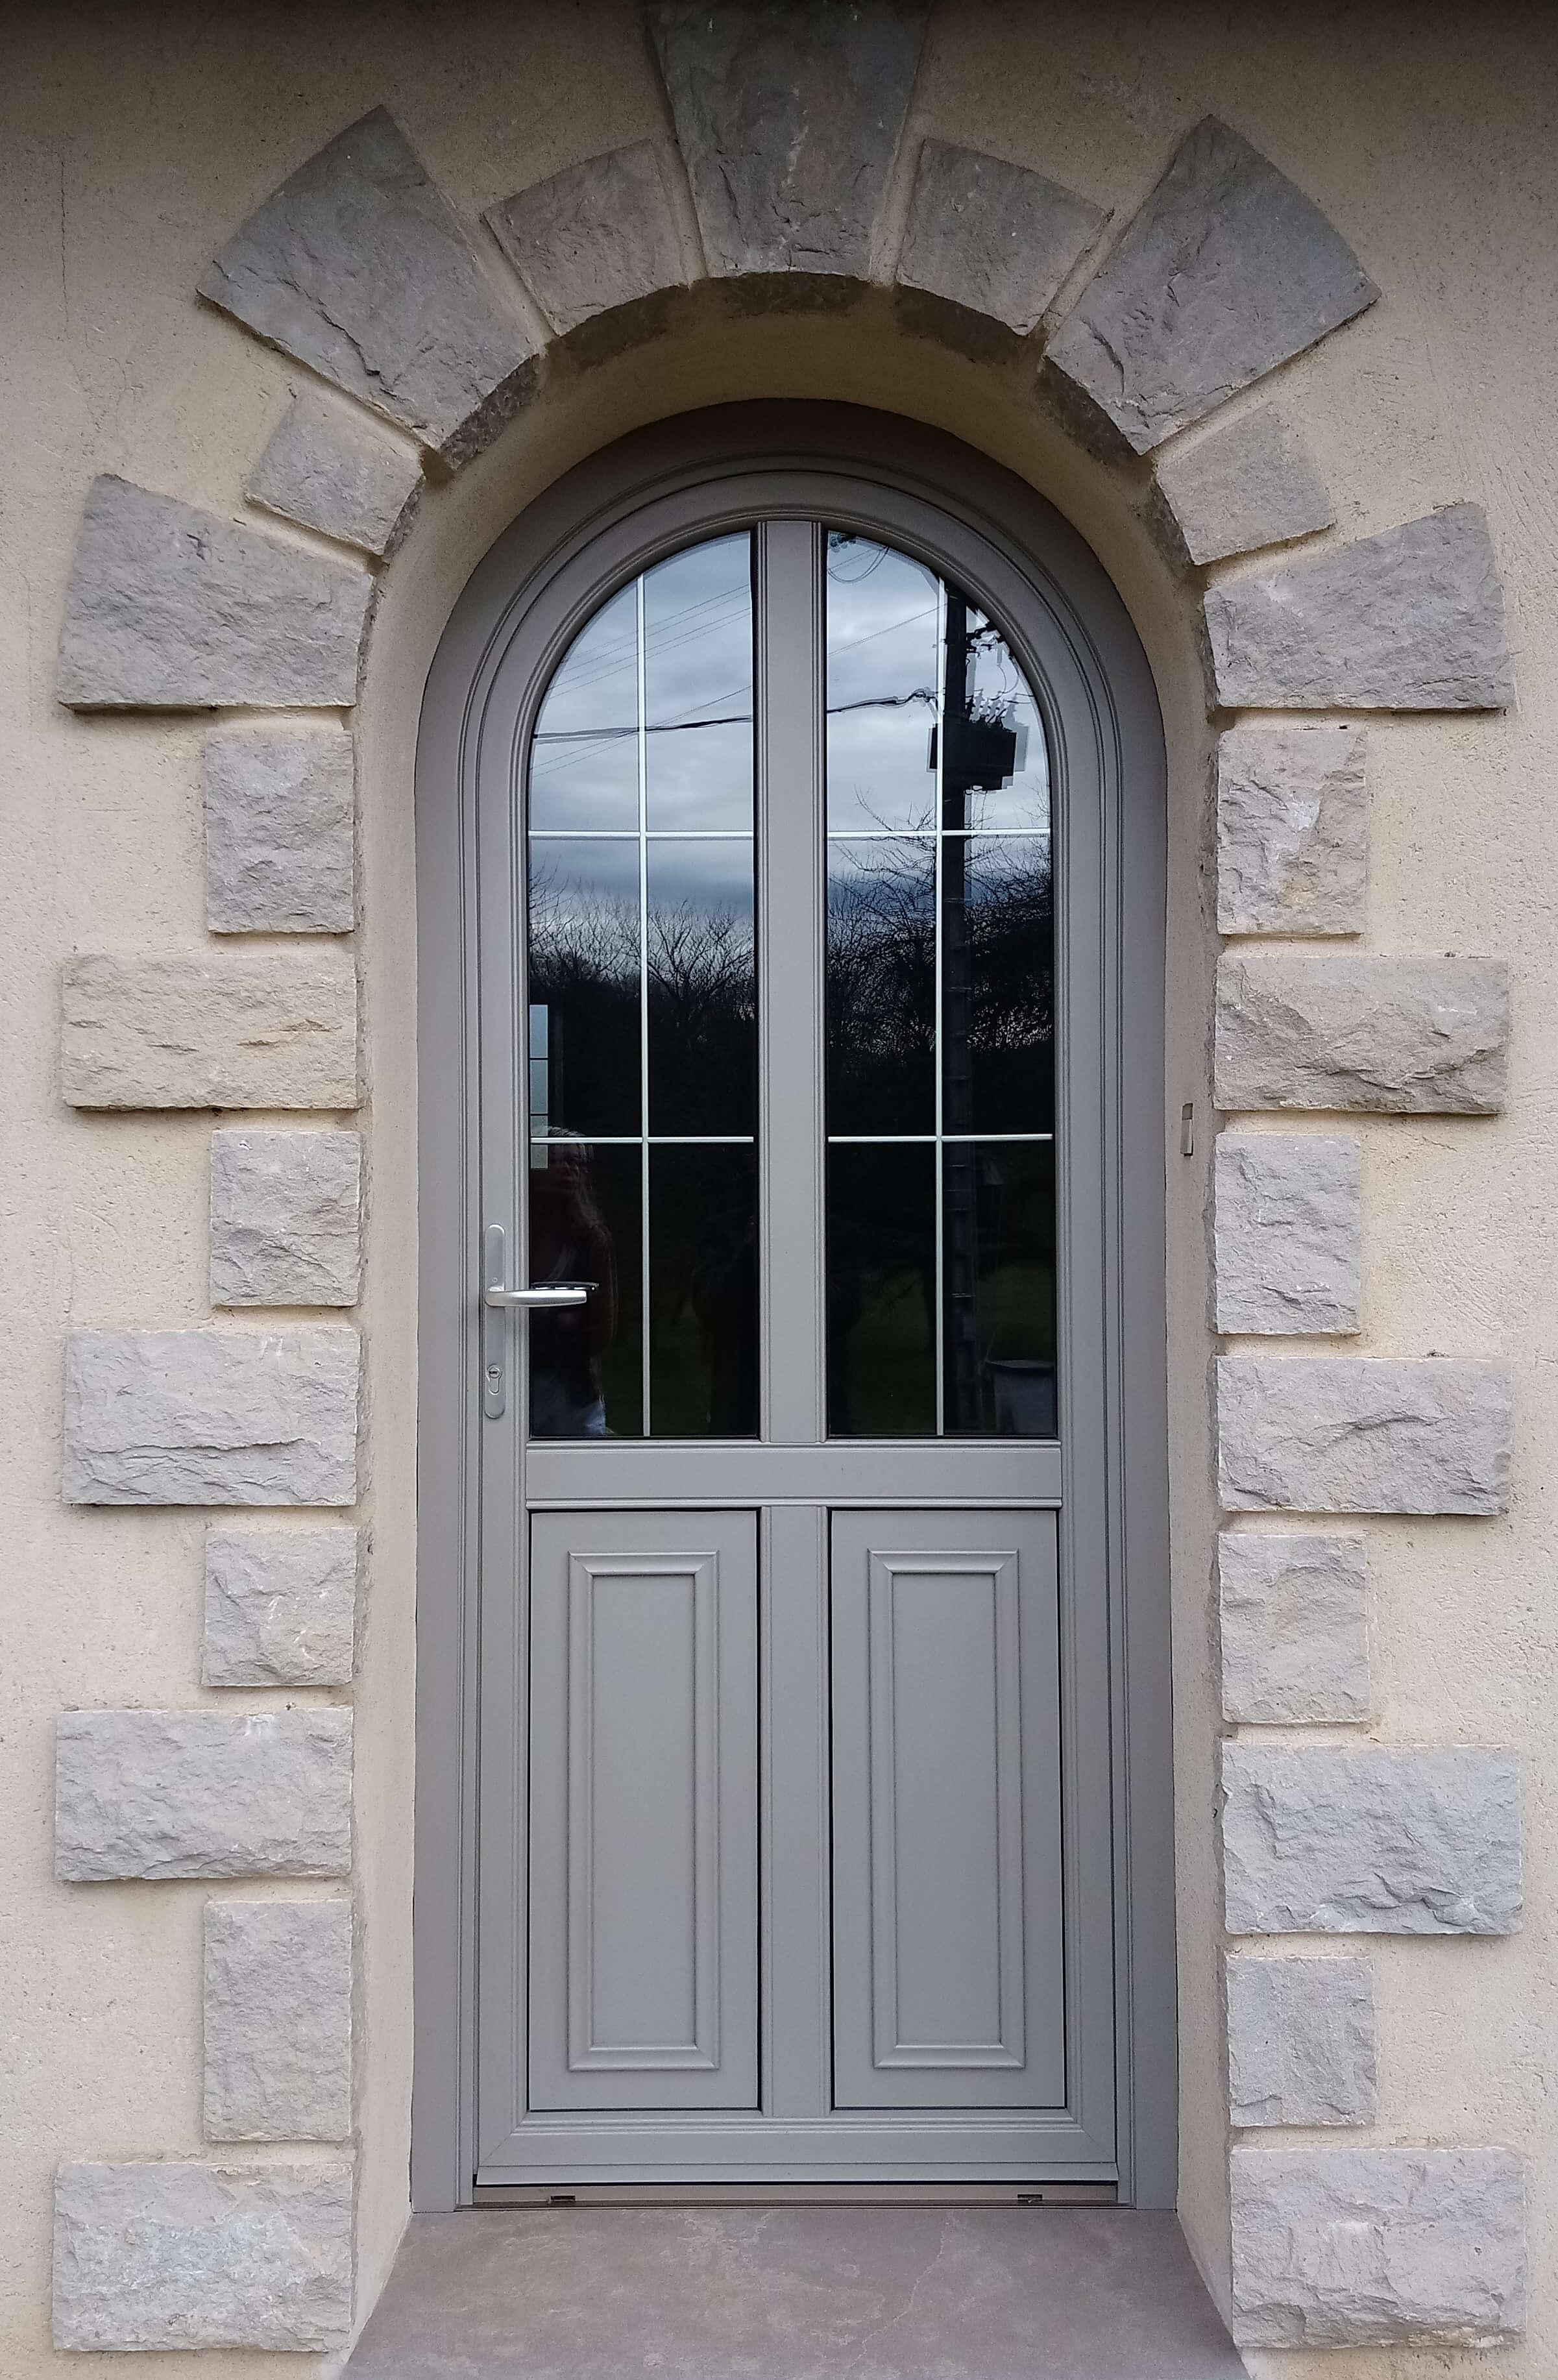 Menuiserie Figard - Fabrication sur mesure - Porte d'entrée cintrée - Bois-aluminium - Vesoul